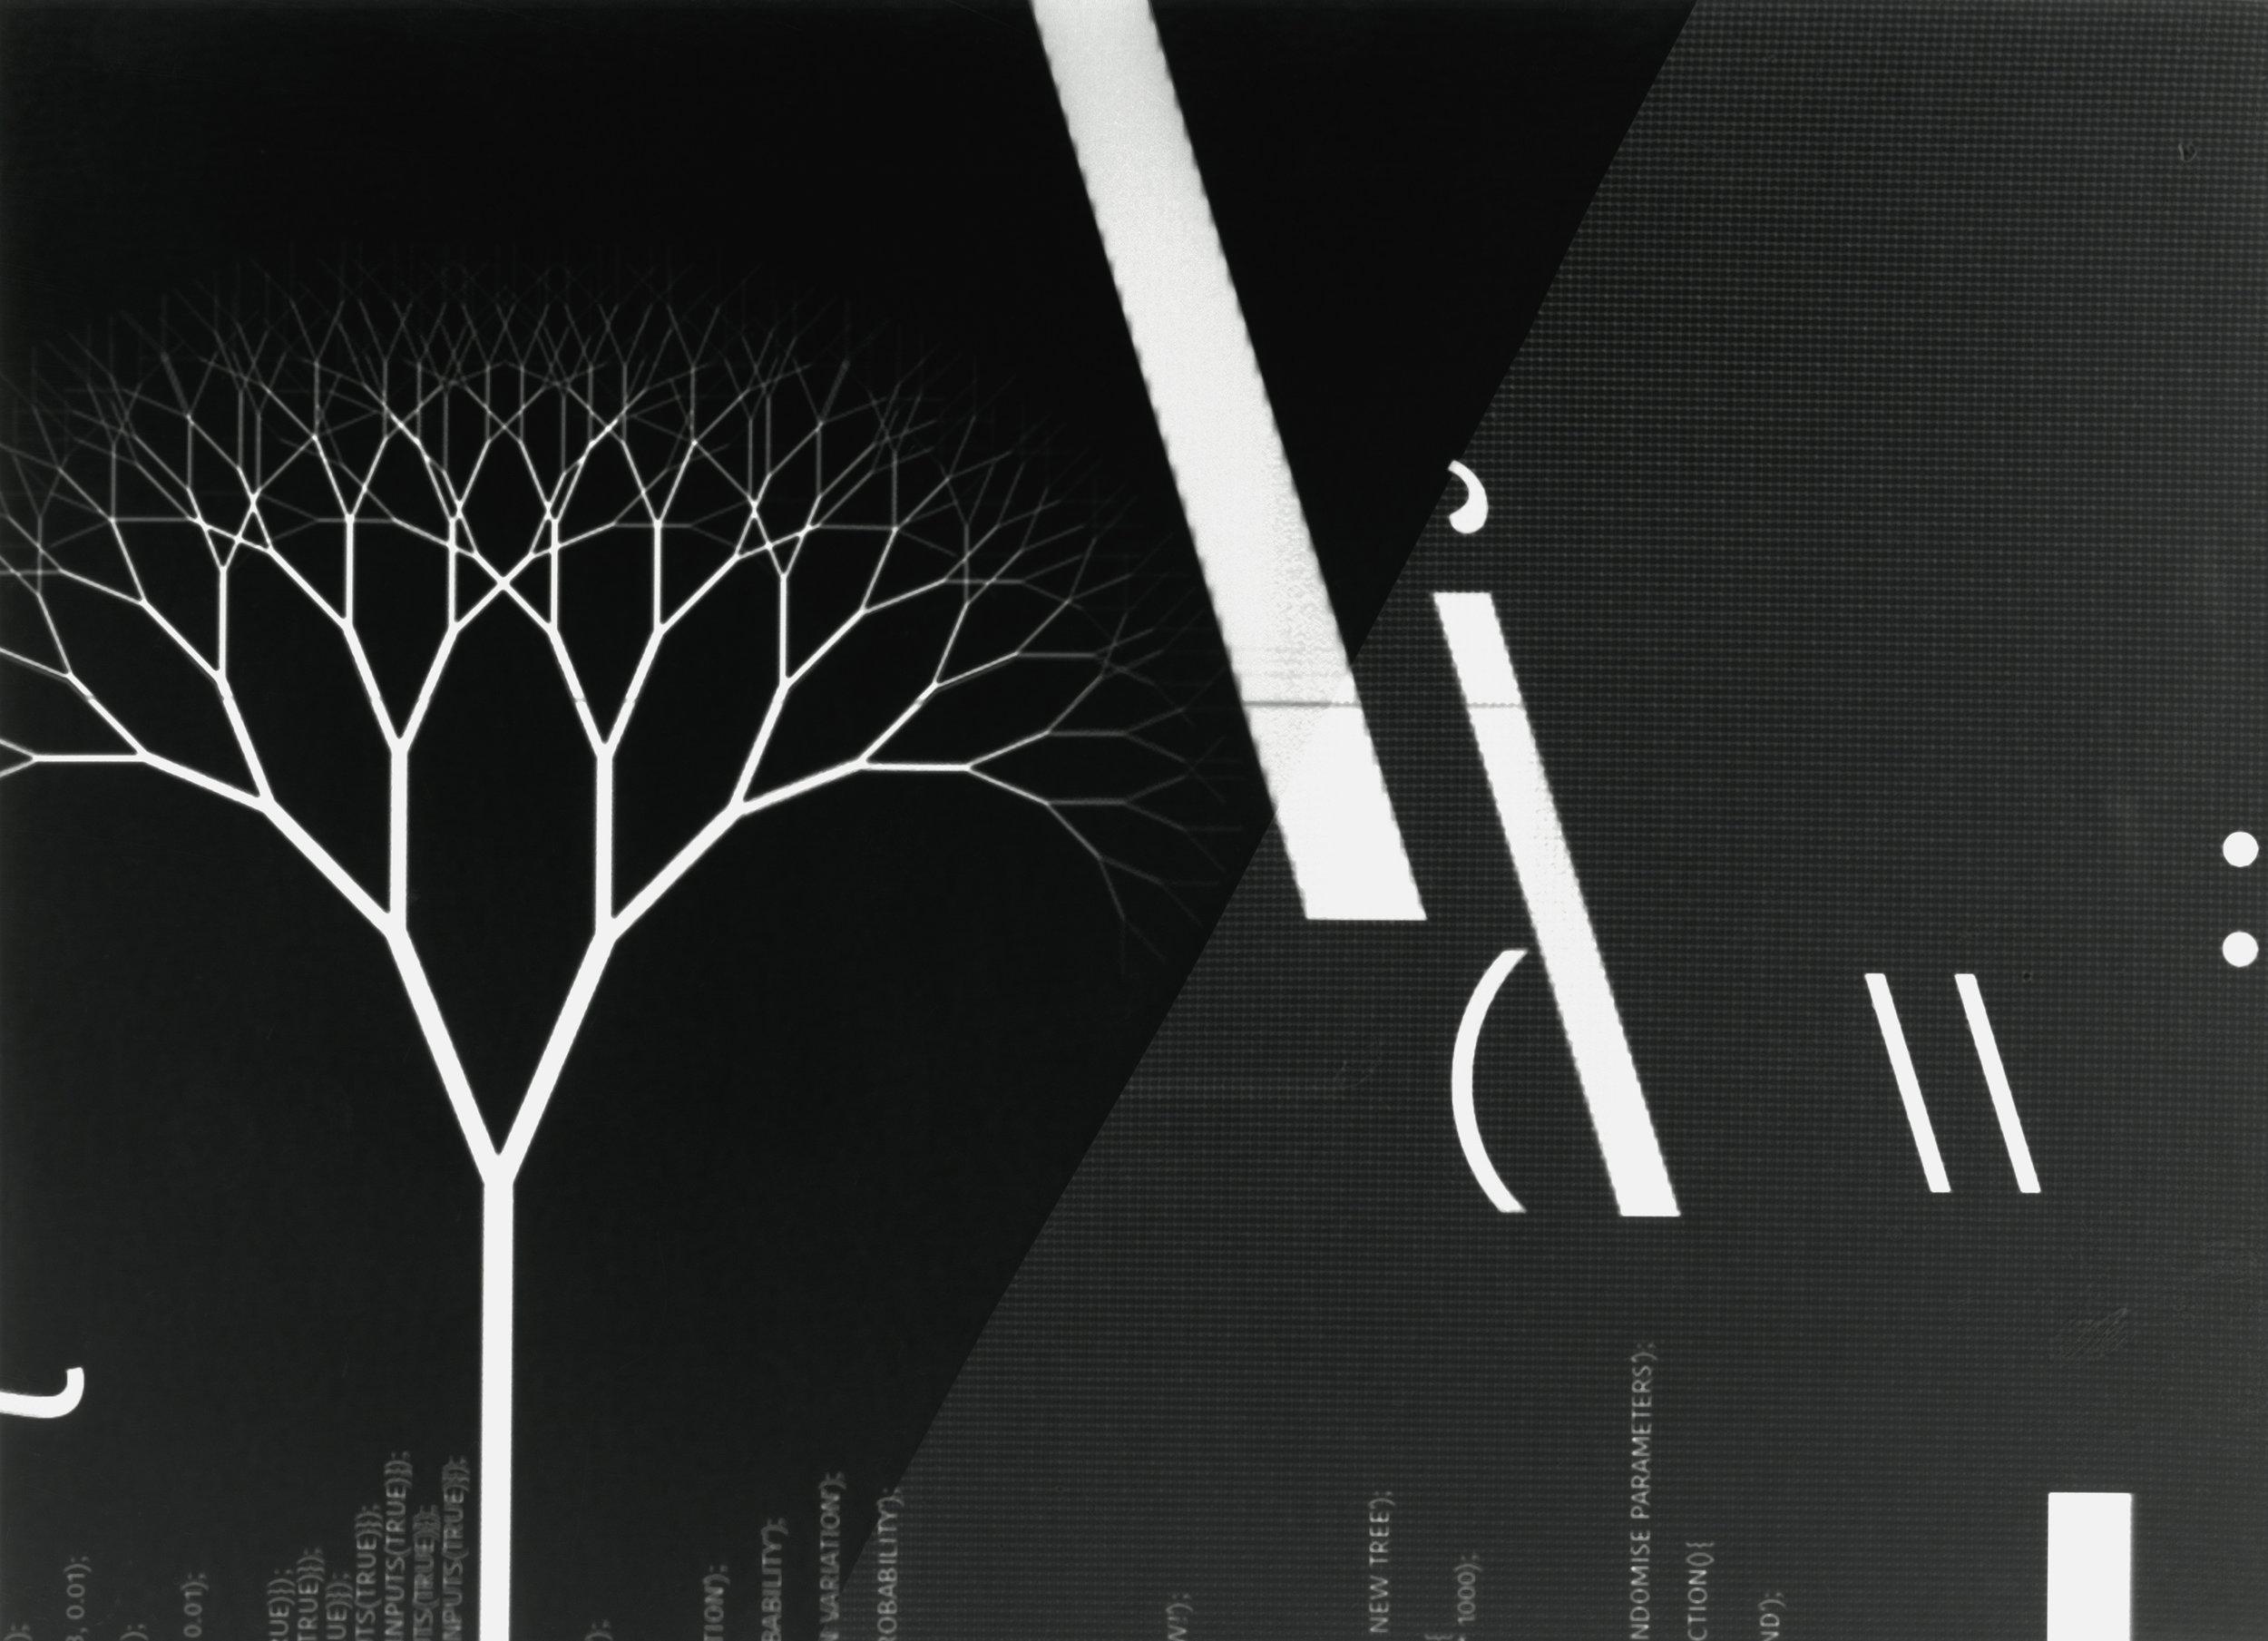 RR-Photogram-code-tree.jpg